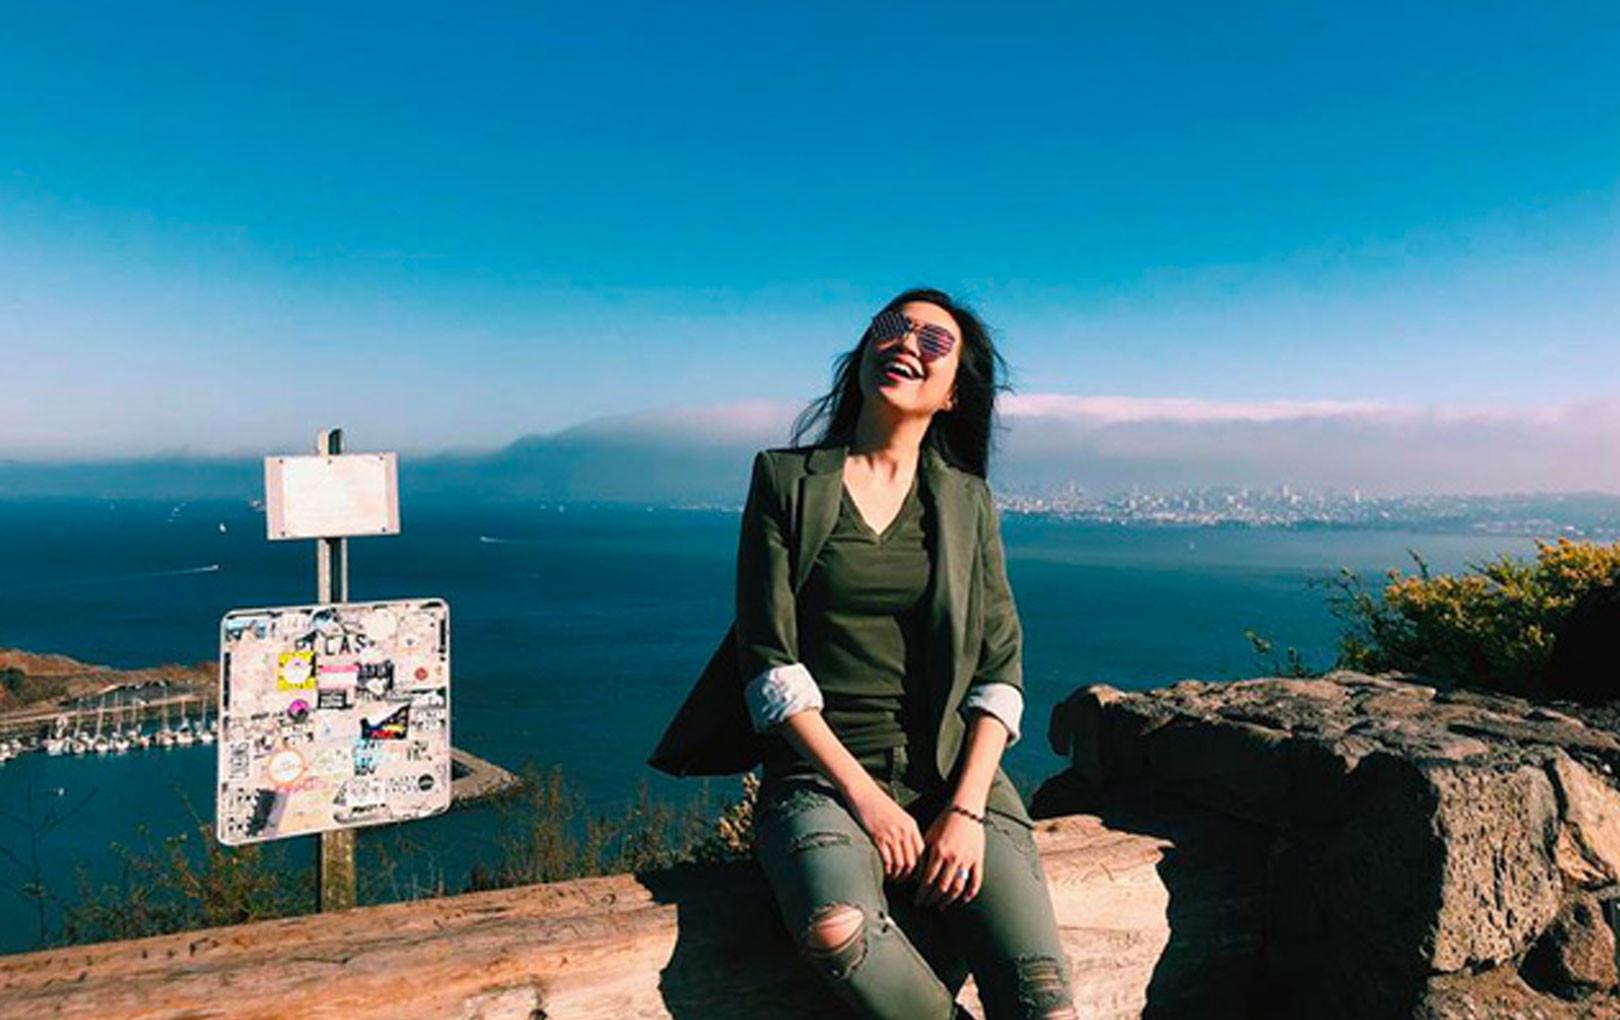 Hiền Thục rời bỏ showbiz Việt tiết lộ cuộc sống làm mẹ đơn thân bên Mỹ